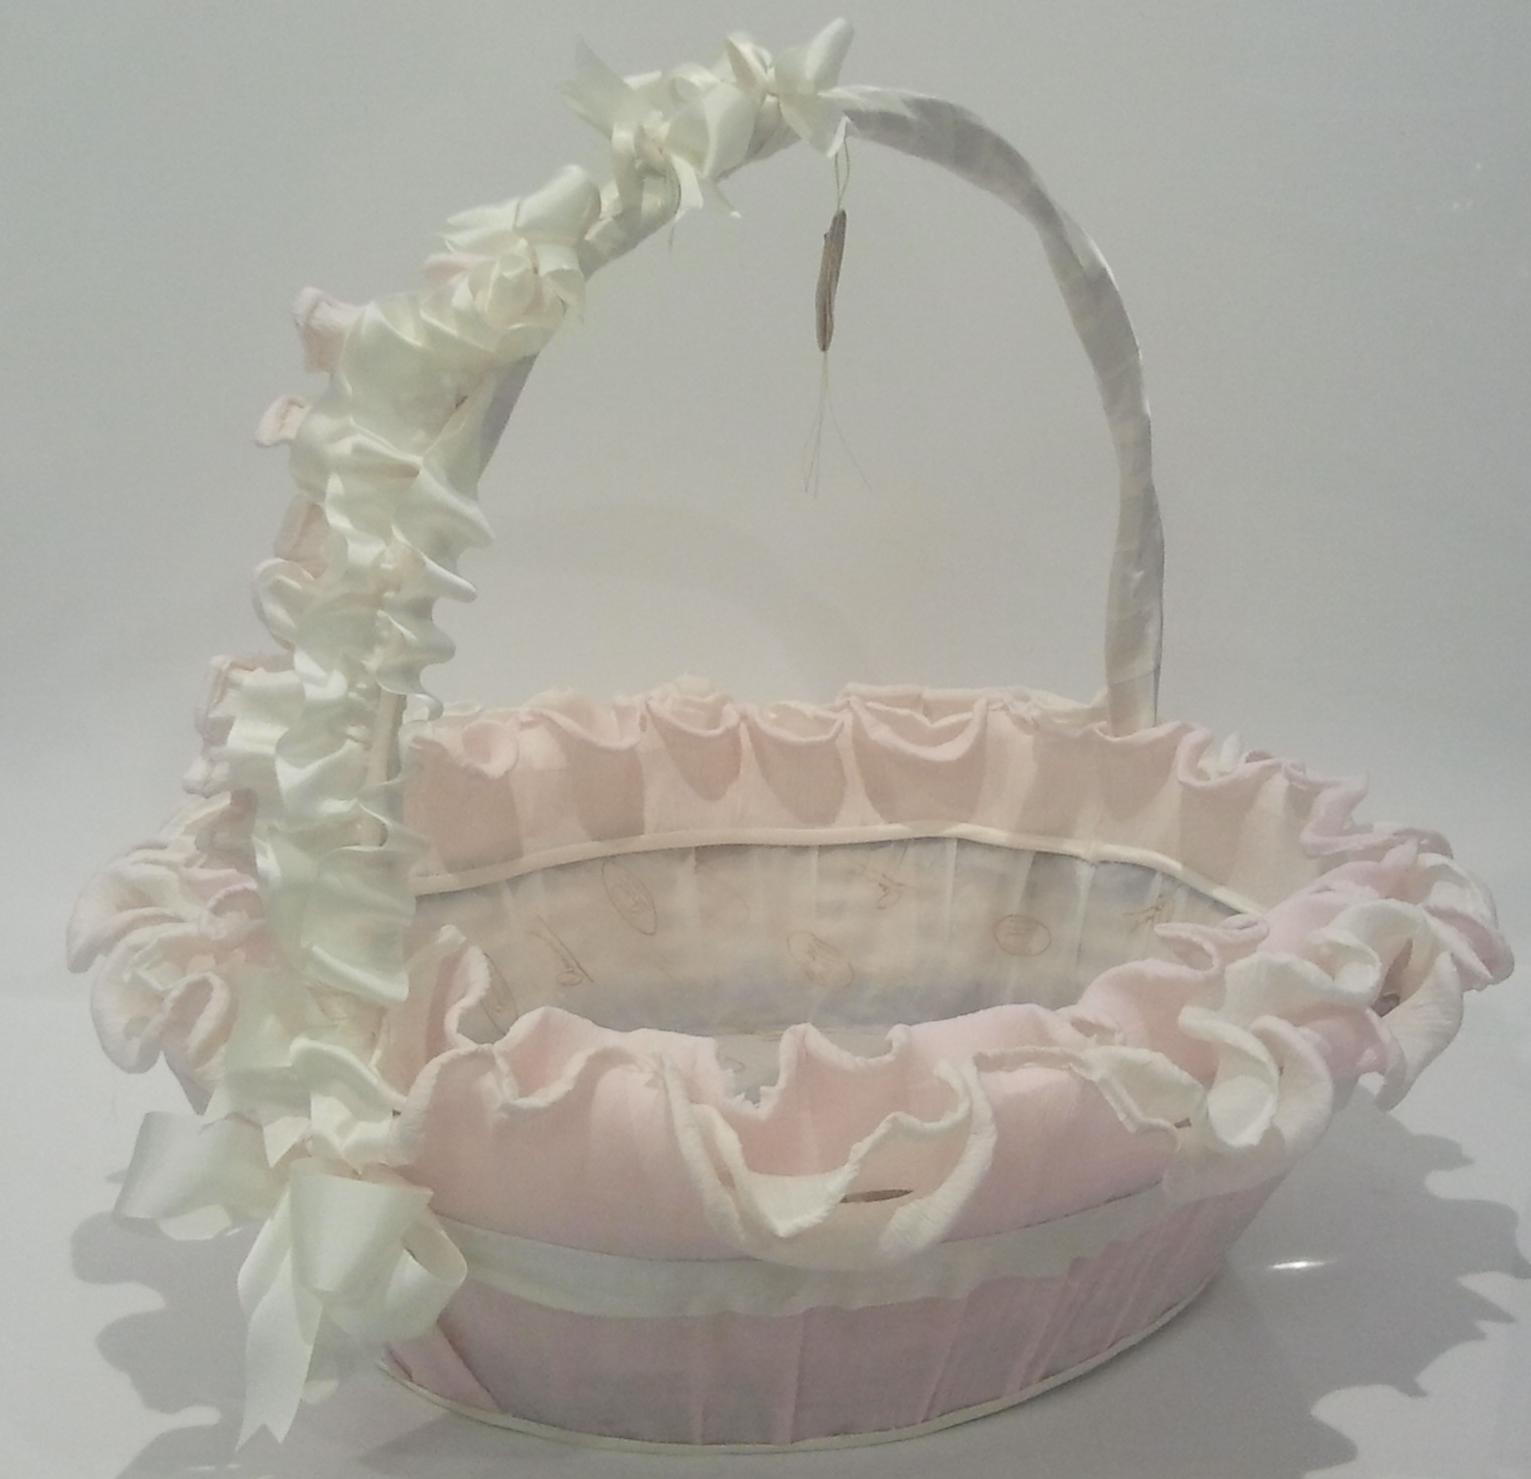 Cestas decoradas para comuni n imagui - Como adornar cestas de mimbre ...